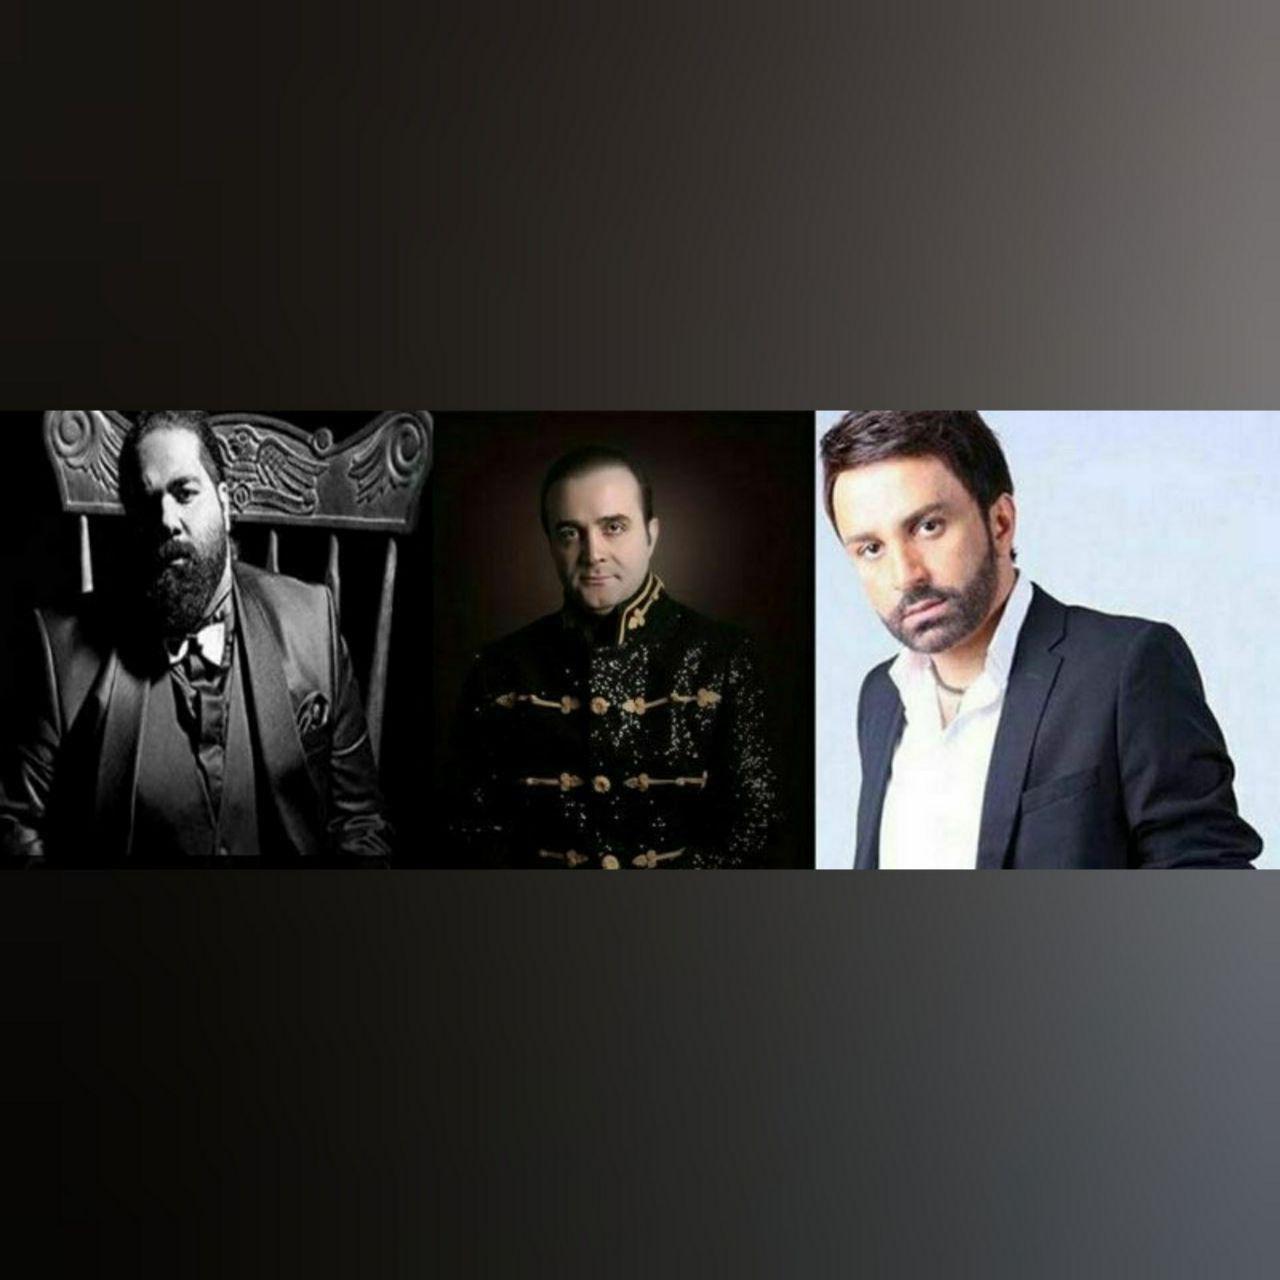 محکوم شدن ۳ خواننده معروف پاپ به ۲ سال حبس